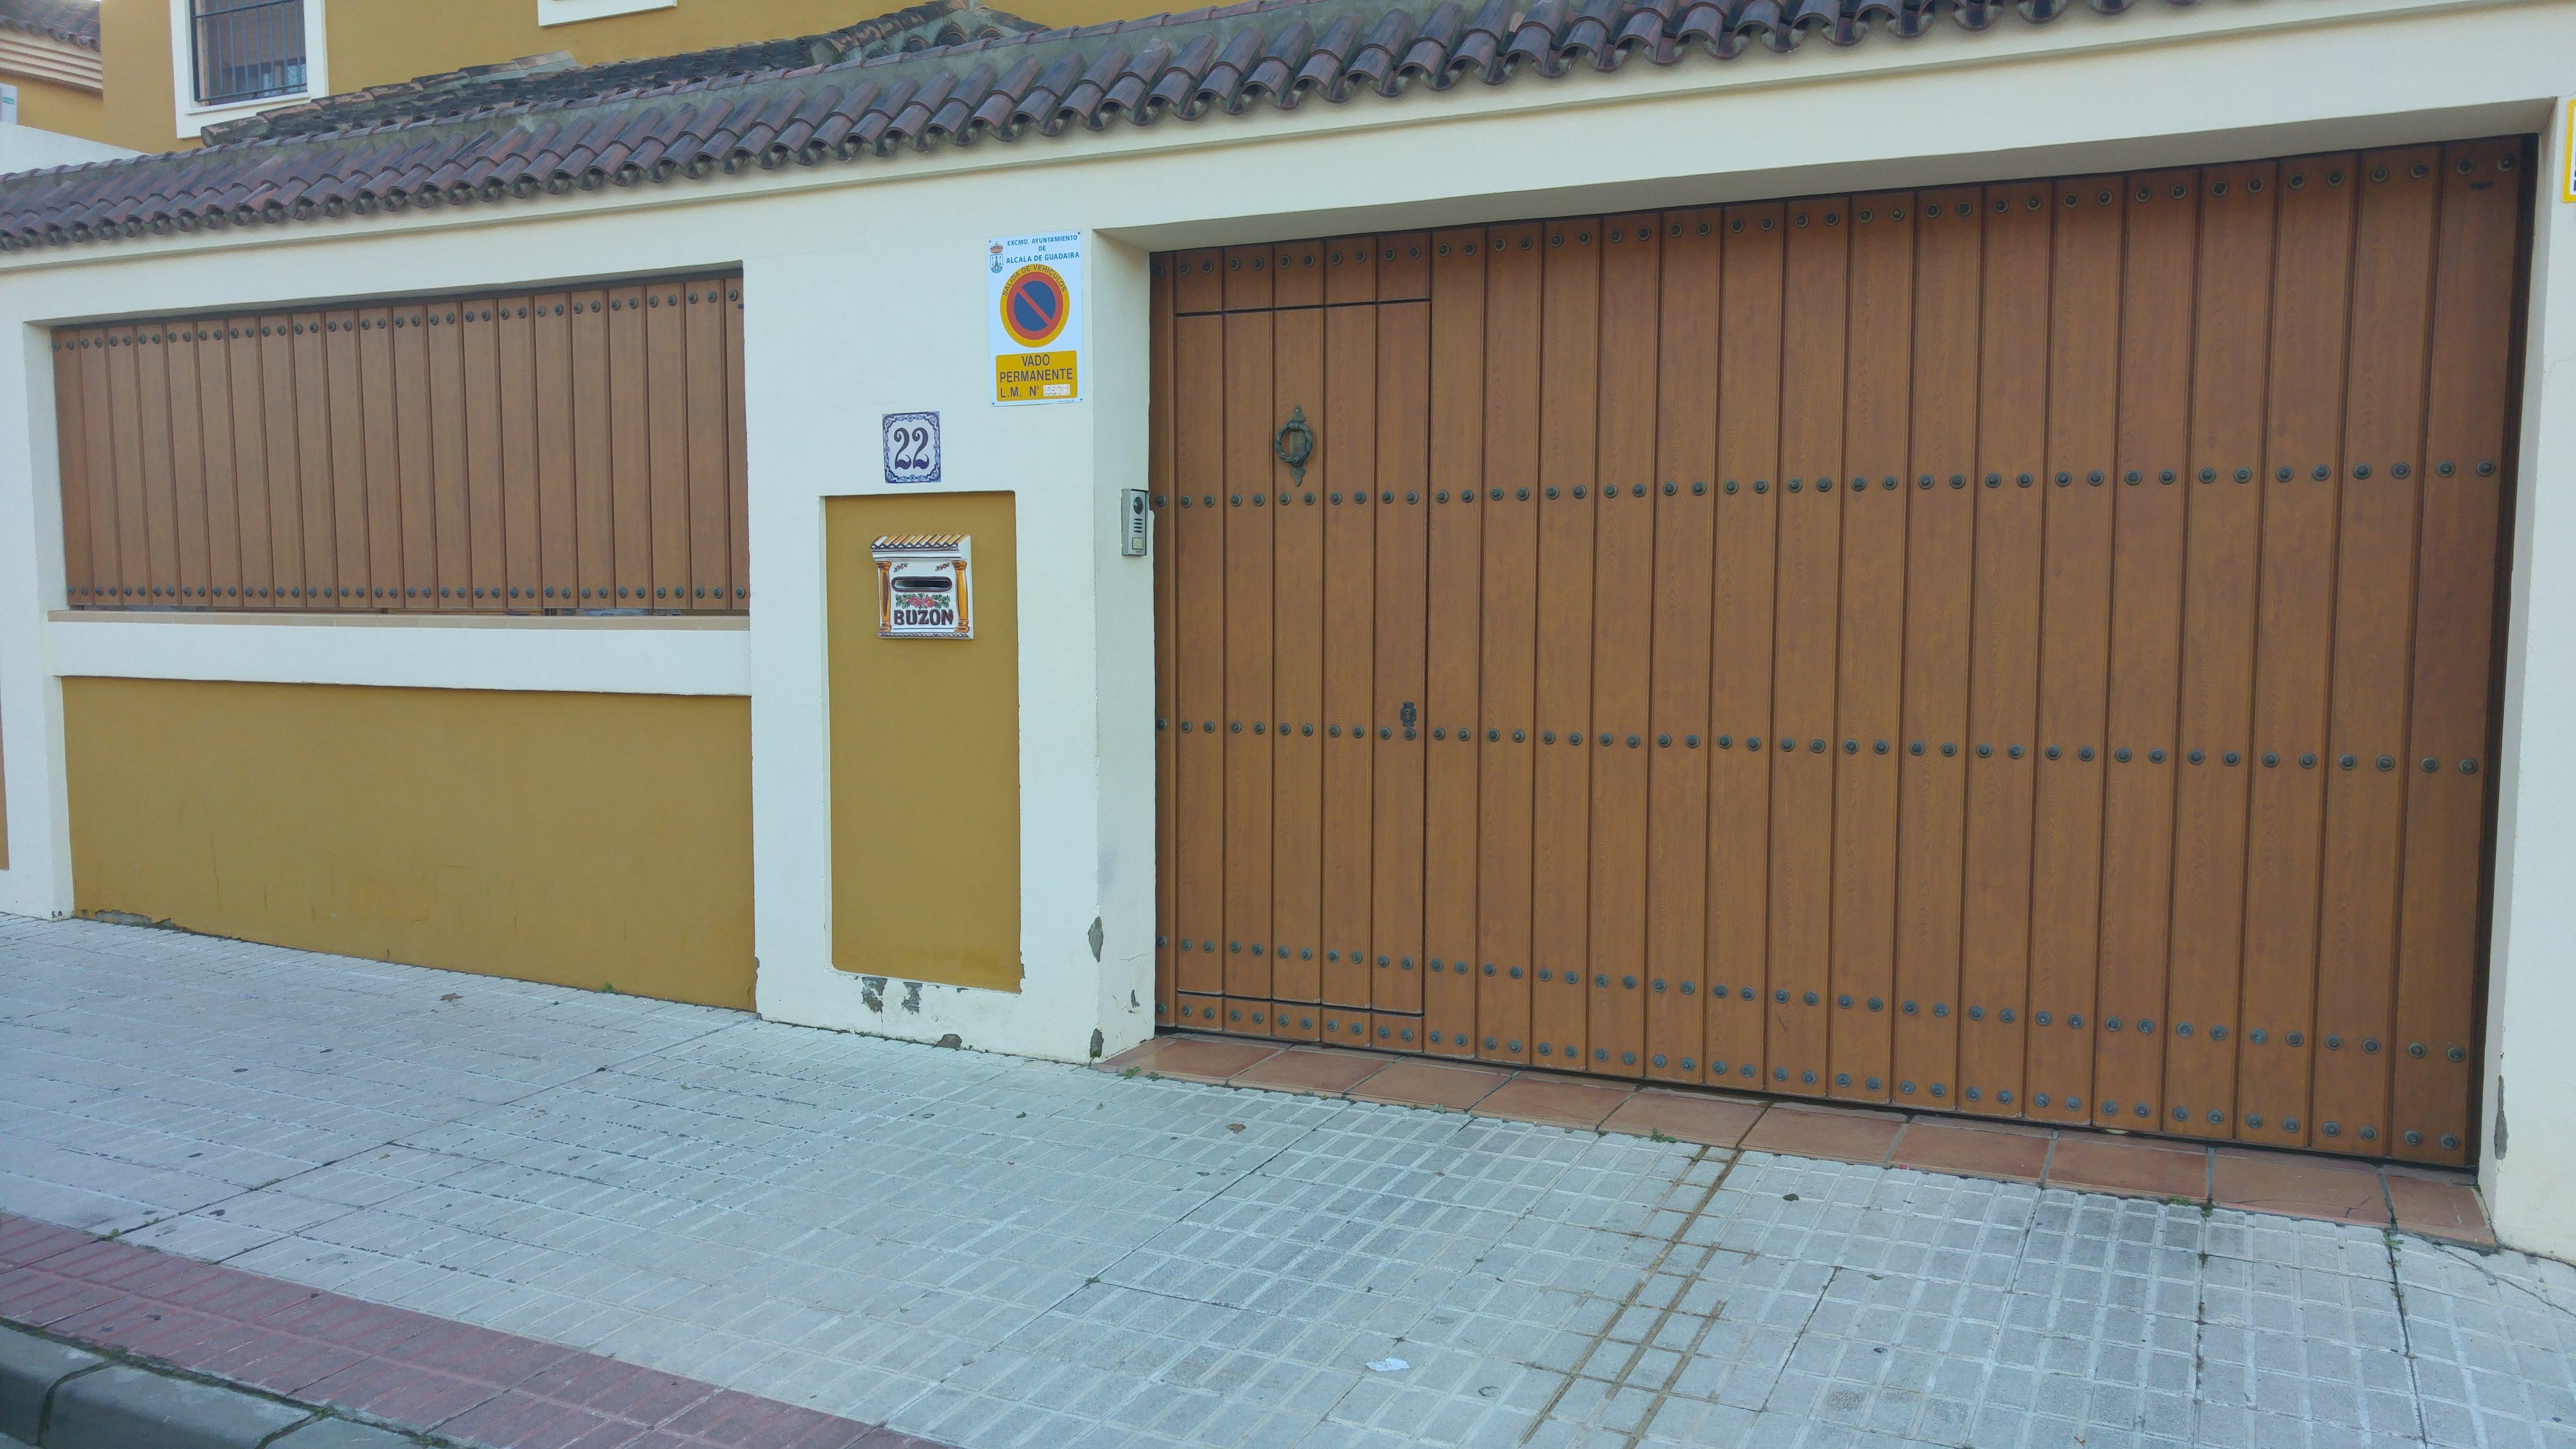 Puertas de garaje y cancelas puertas automaticas mena - Puertas de garaje murcia ...